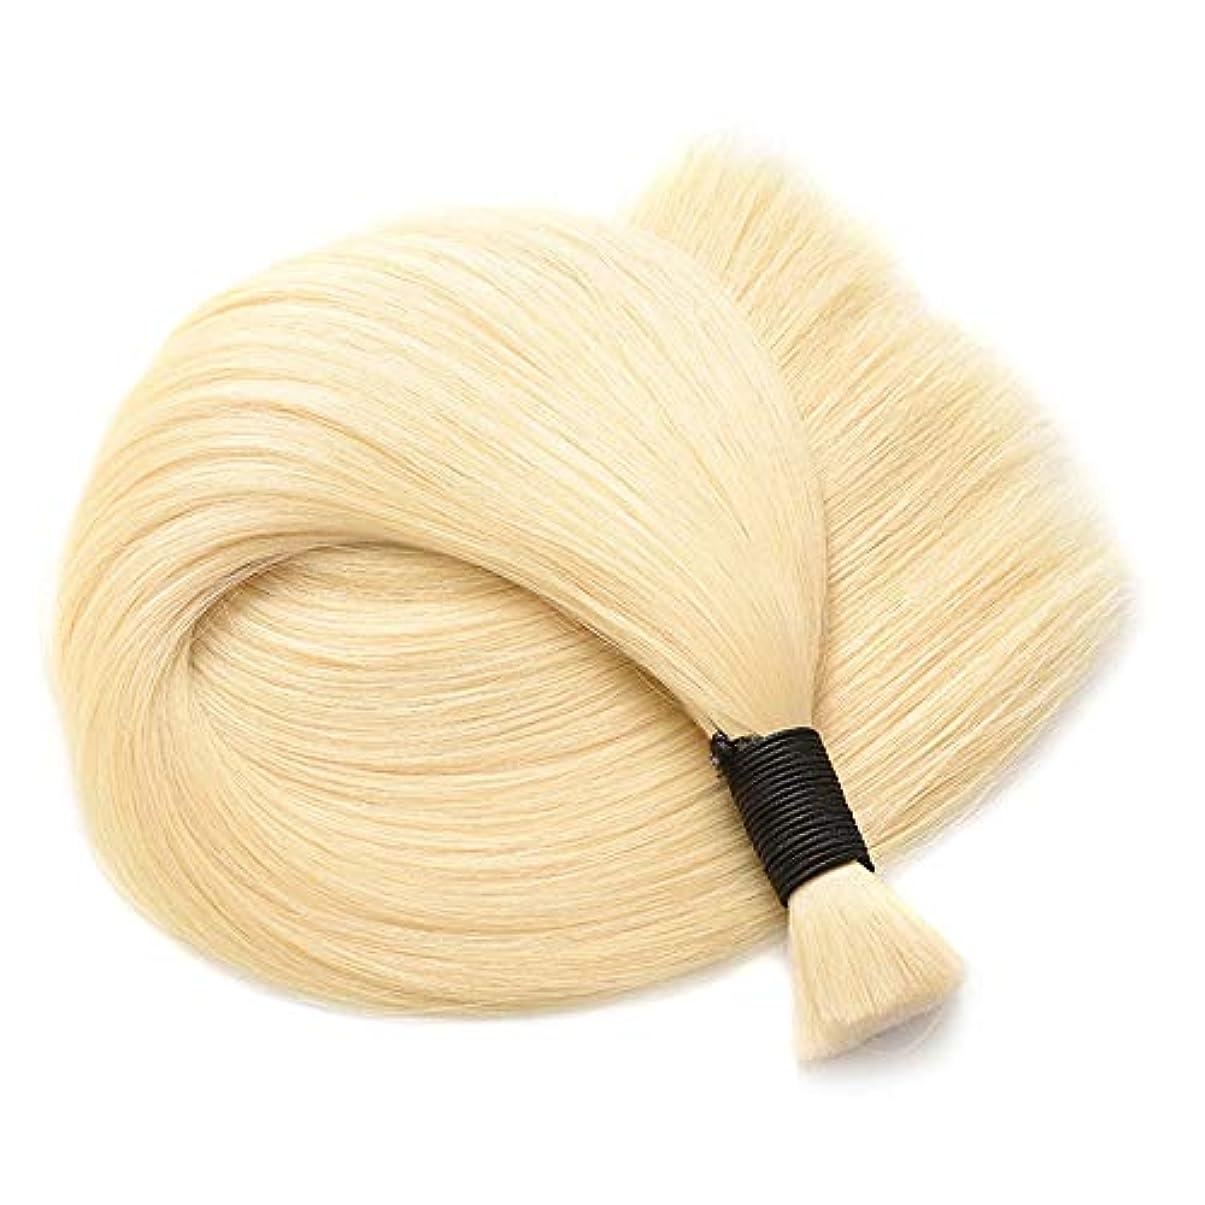 宗教的な思いやり全国JULYTER Remy Nano Ring人毛エクステンション#613金髪Nano Beadヘアエクステンション実際のストレートヘア100g /パック (色 : Blonde, サイズ : 28 inch)